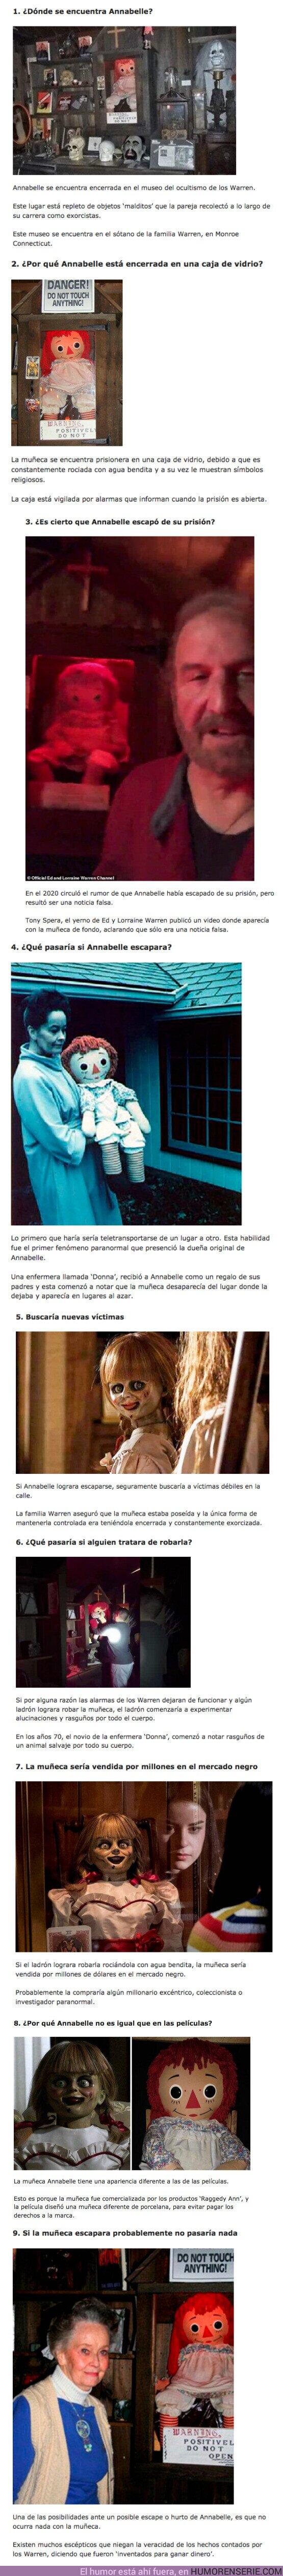 72644 - GALERÍA: 9 Cosas que pasarían si la muñeca 'Annabelle' escapara de su prisión de vidrio